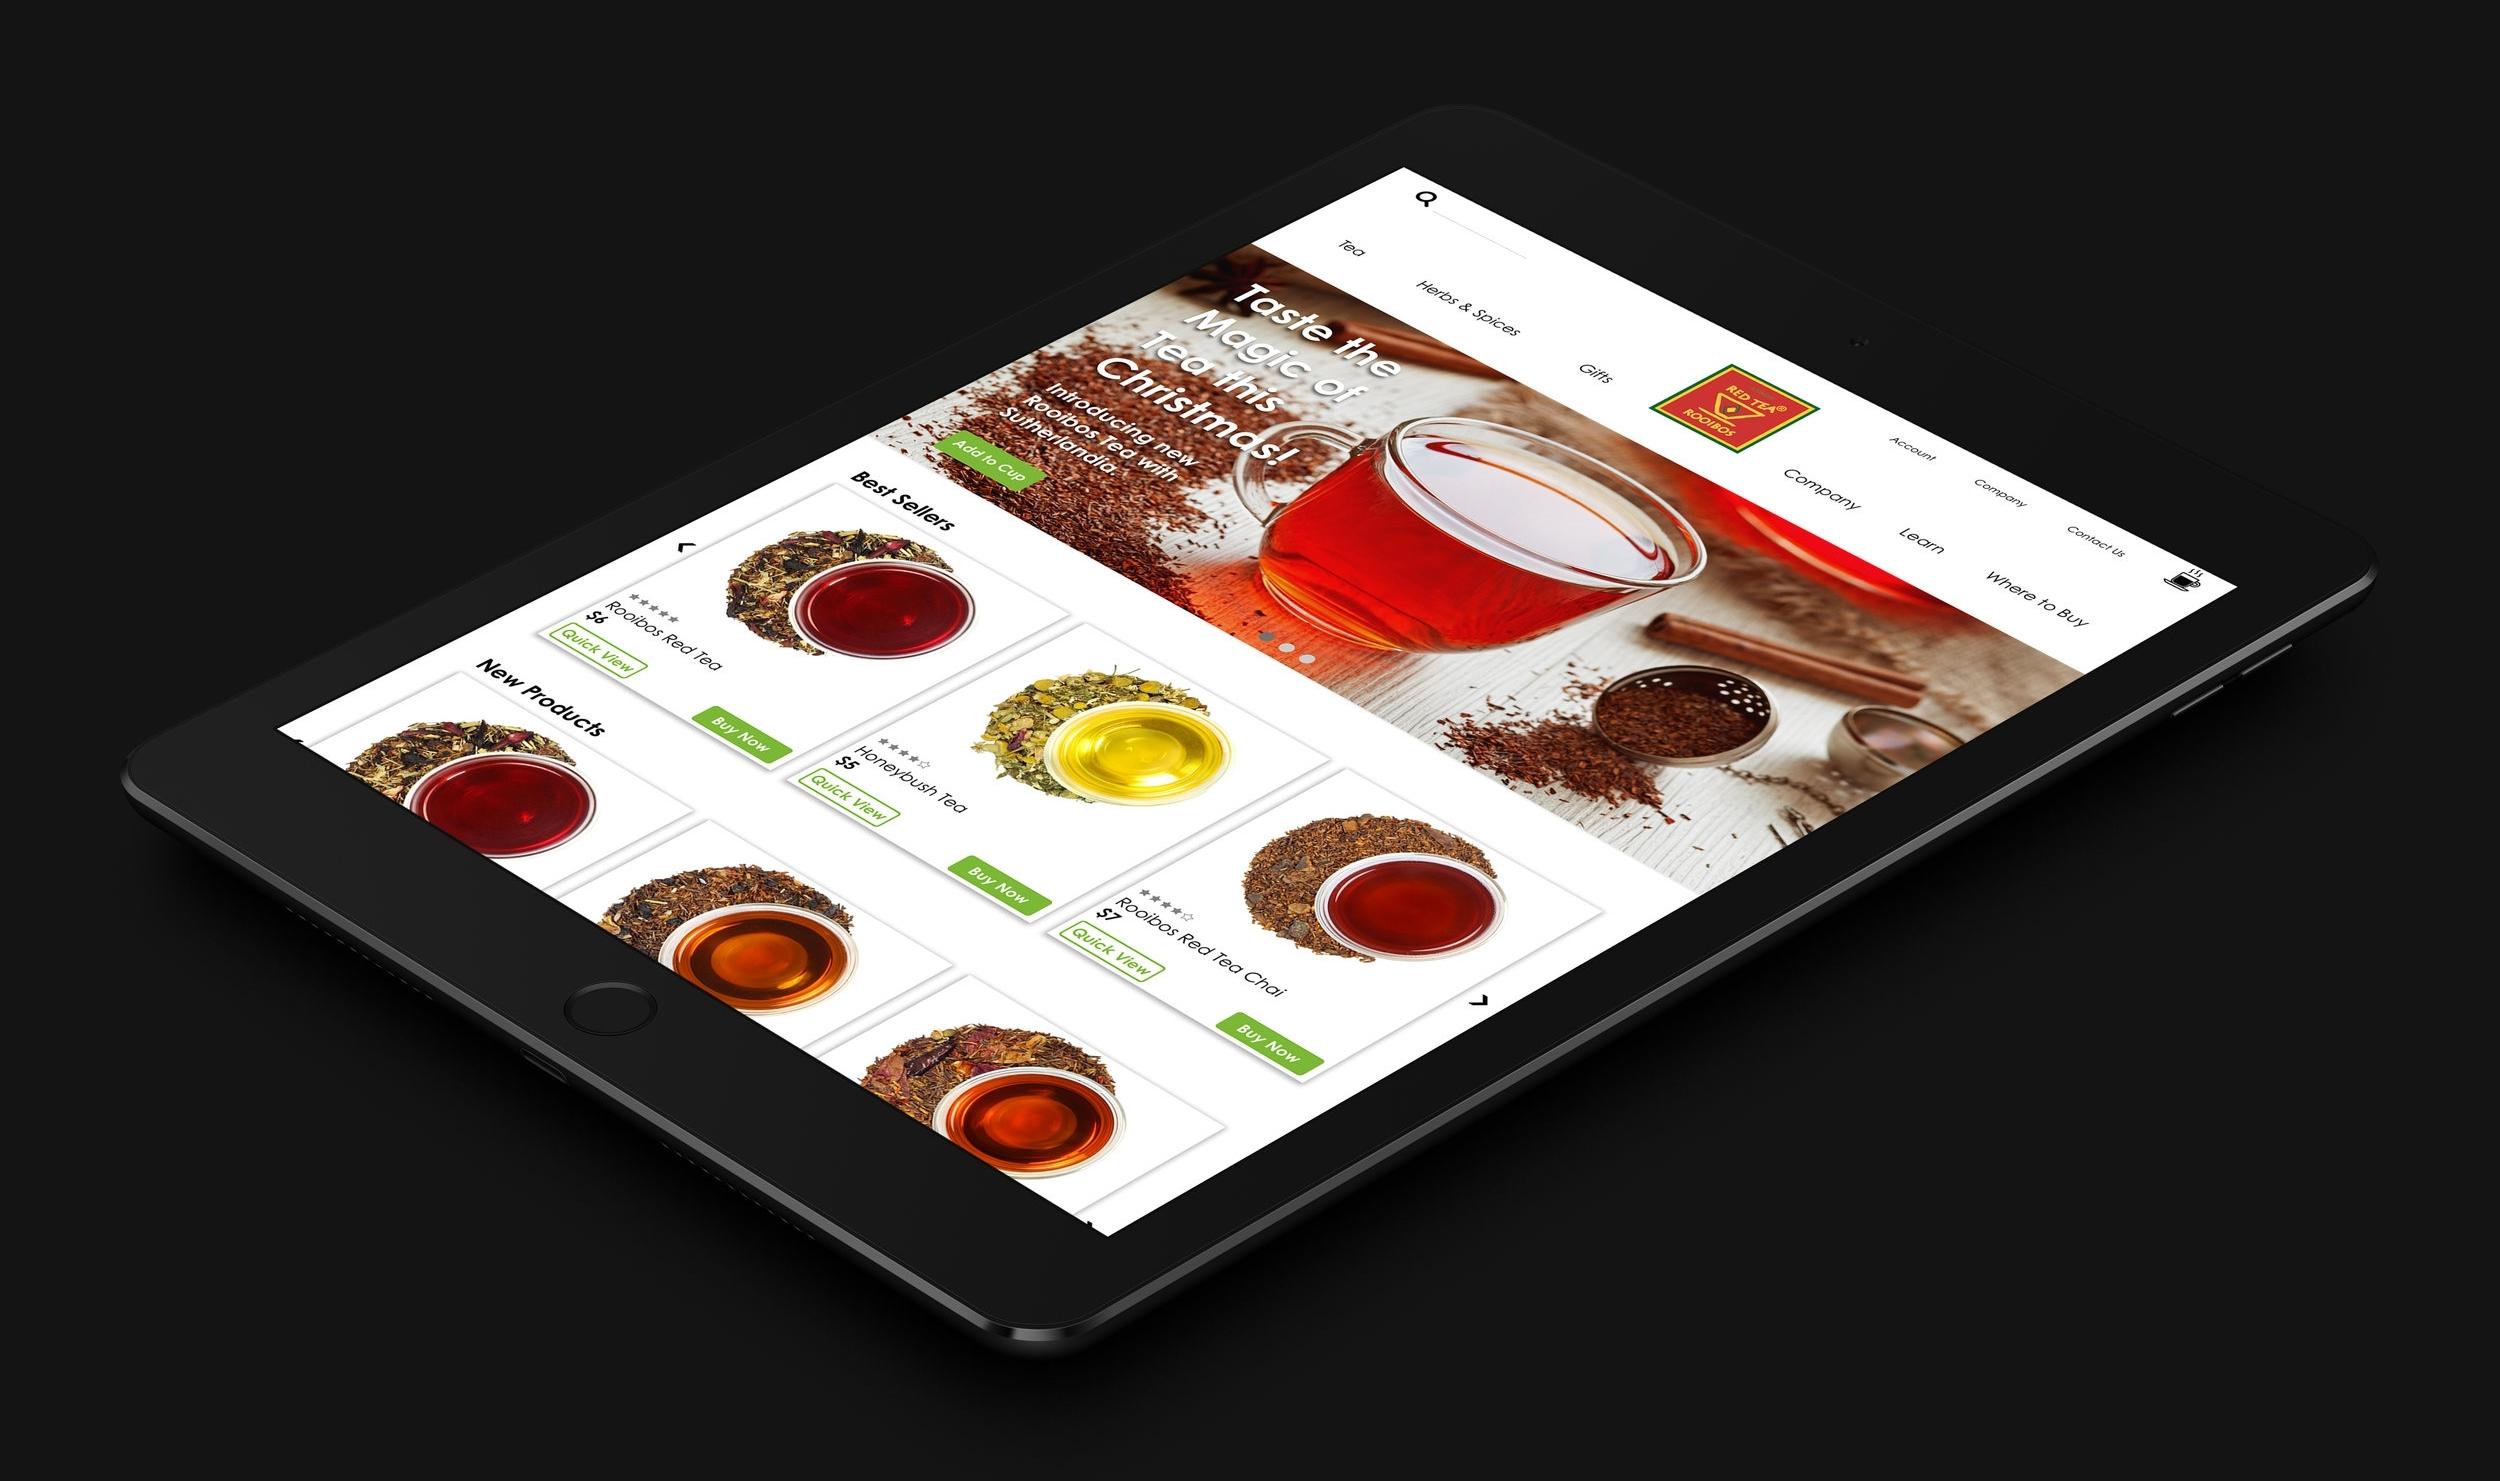 African Red Tea website redesign -